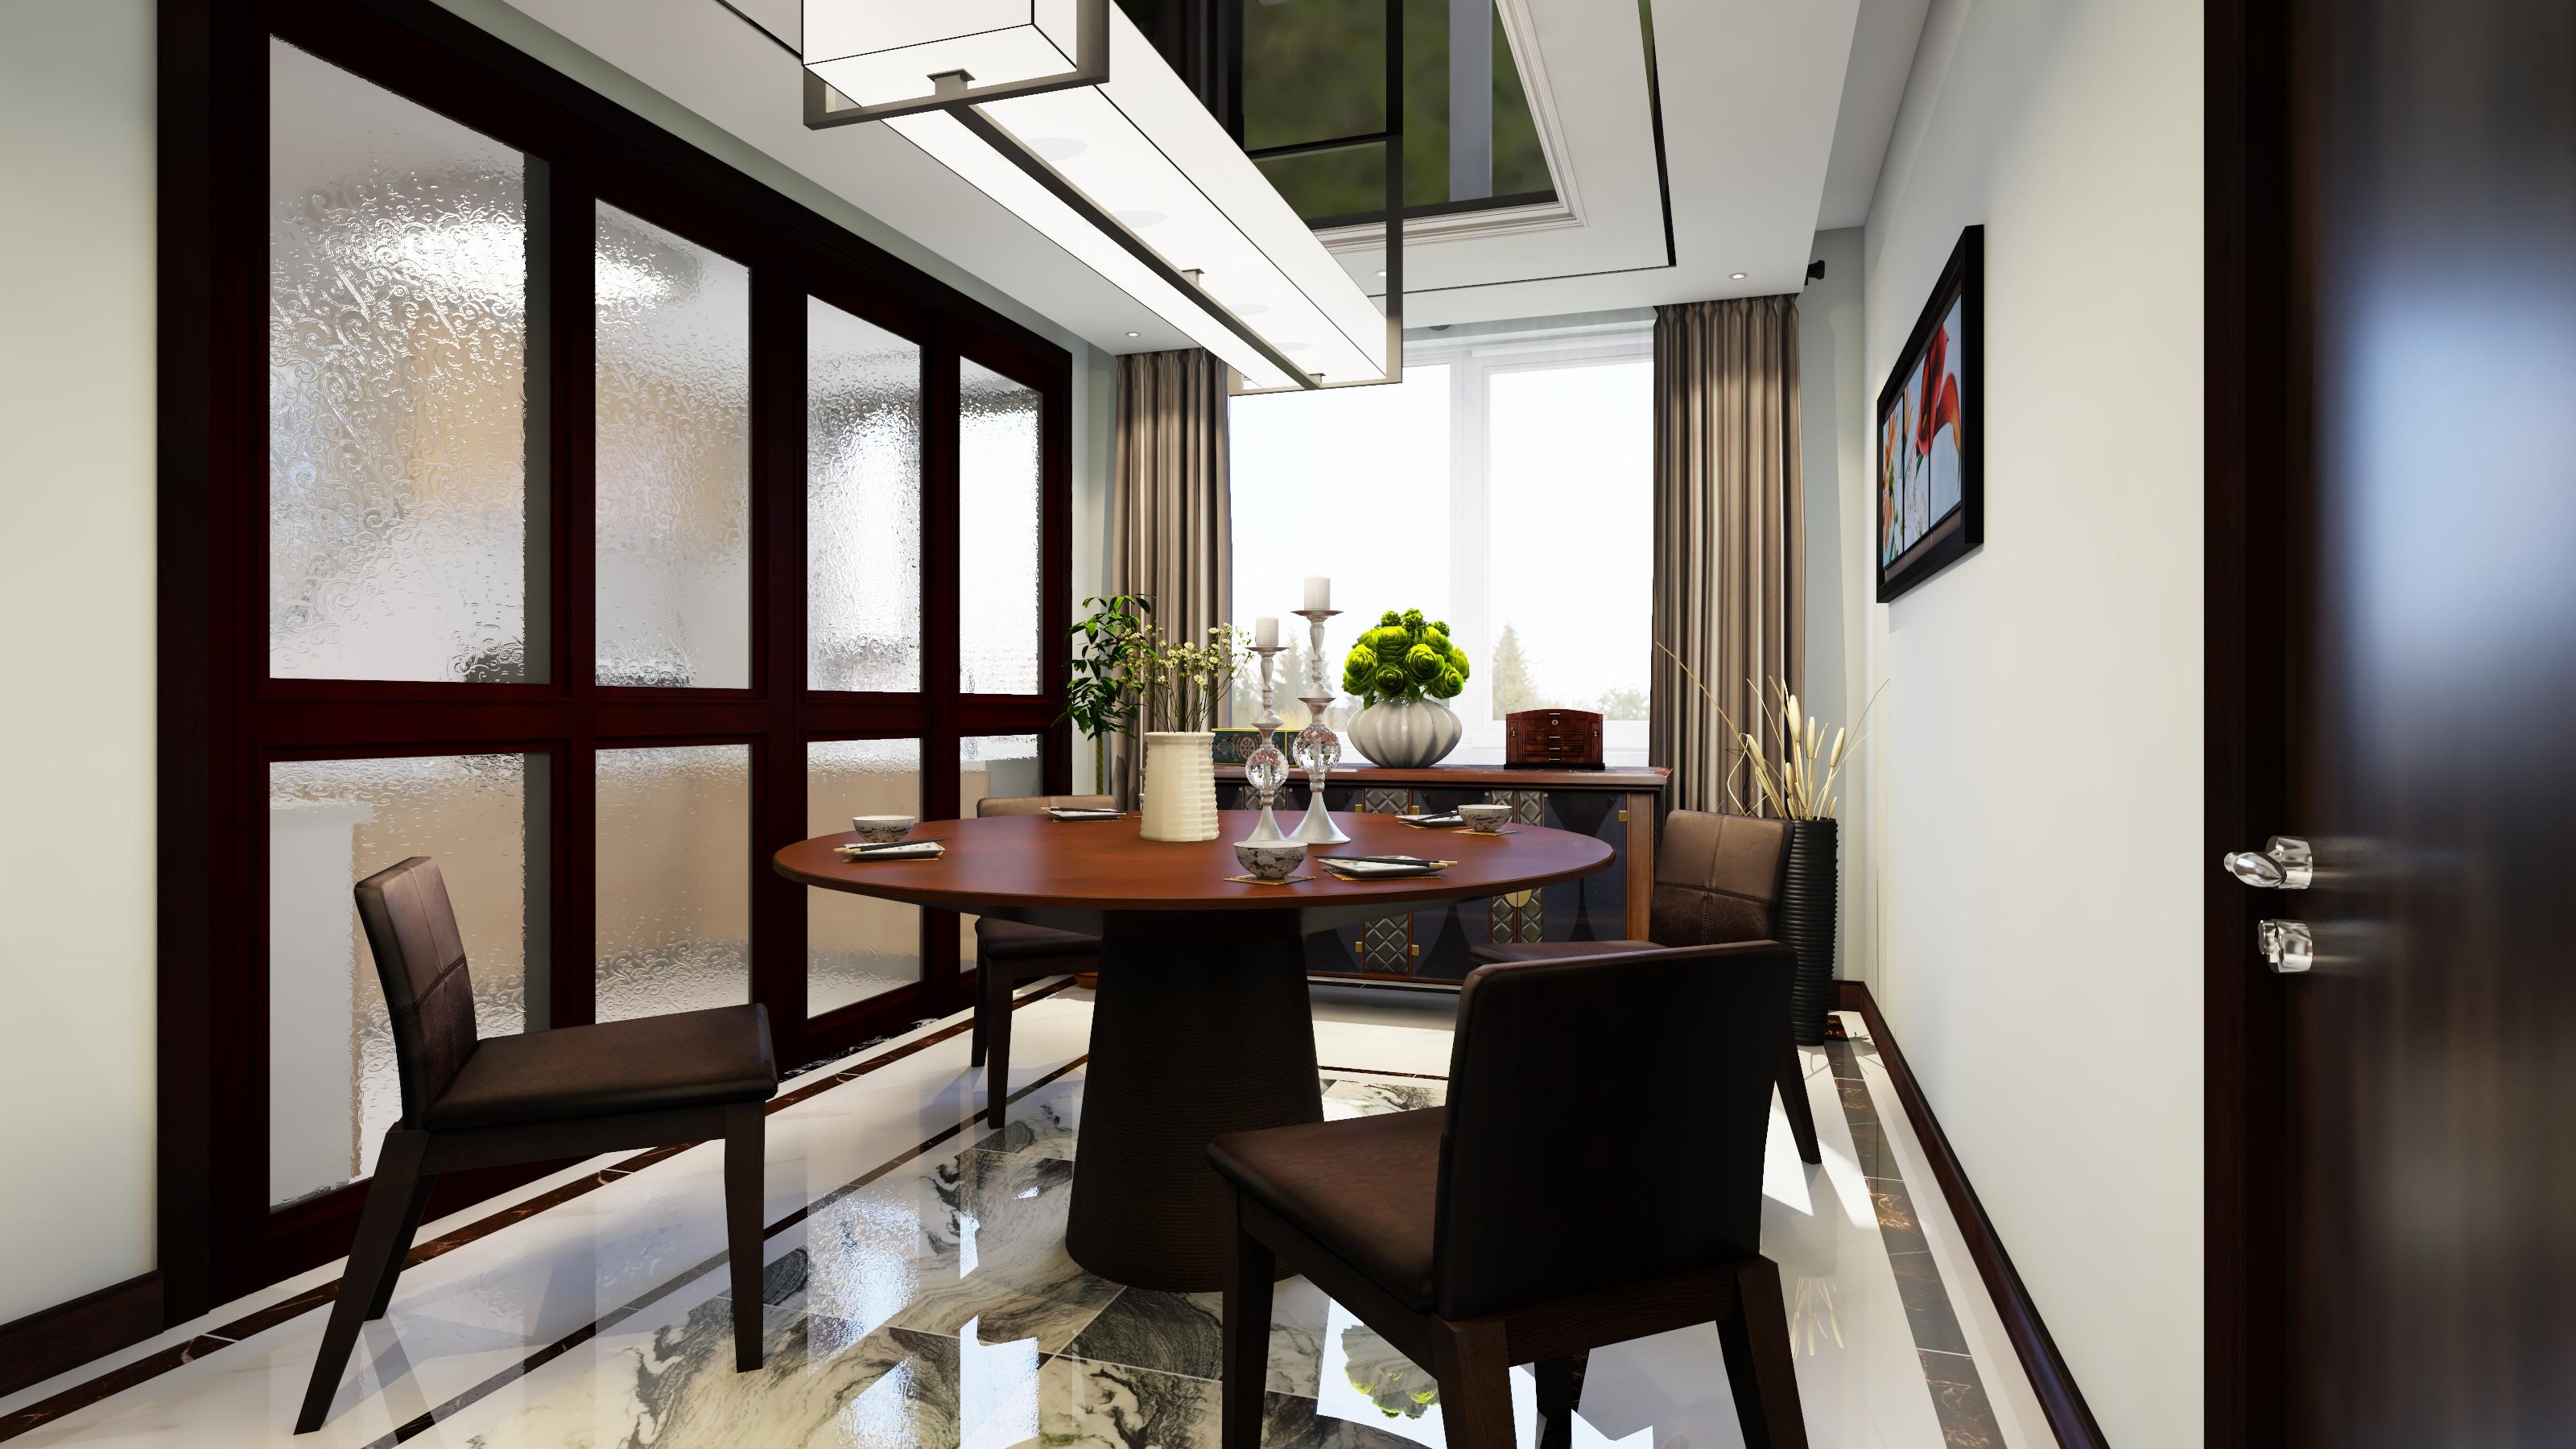 王京-居然設計家-室內設計_家裝設計師案例_室內裝修